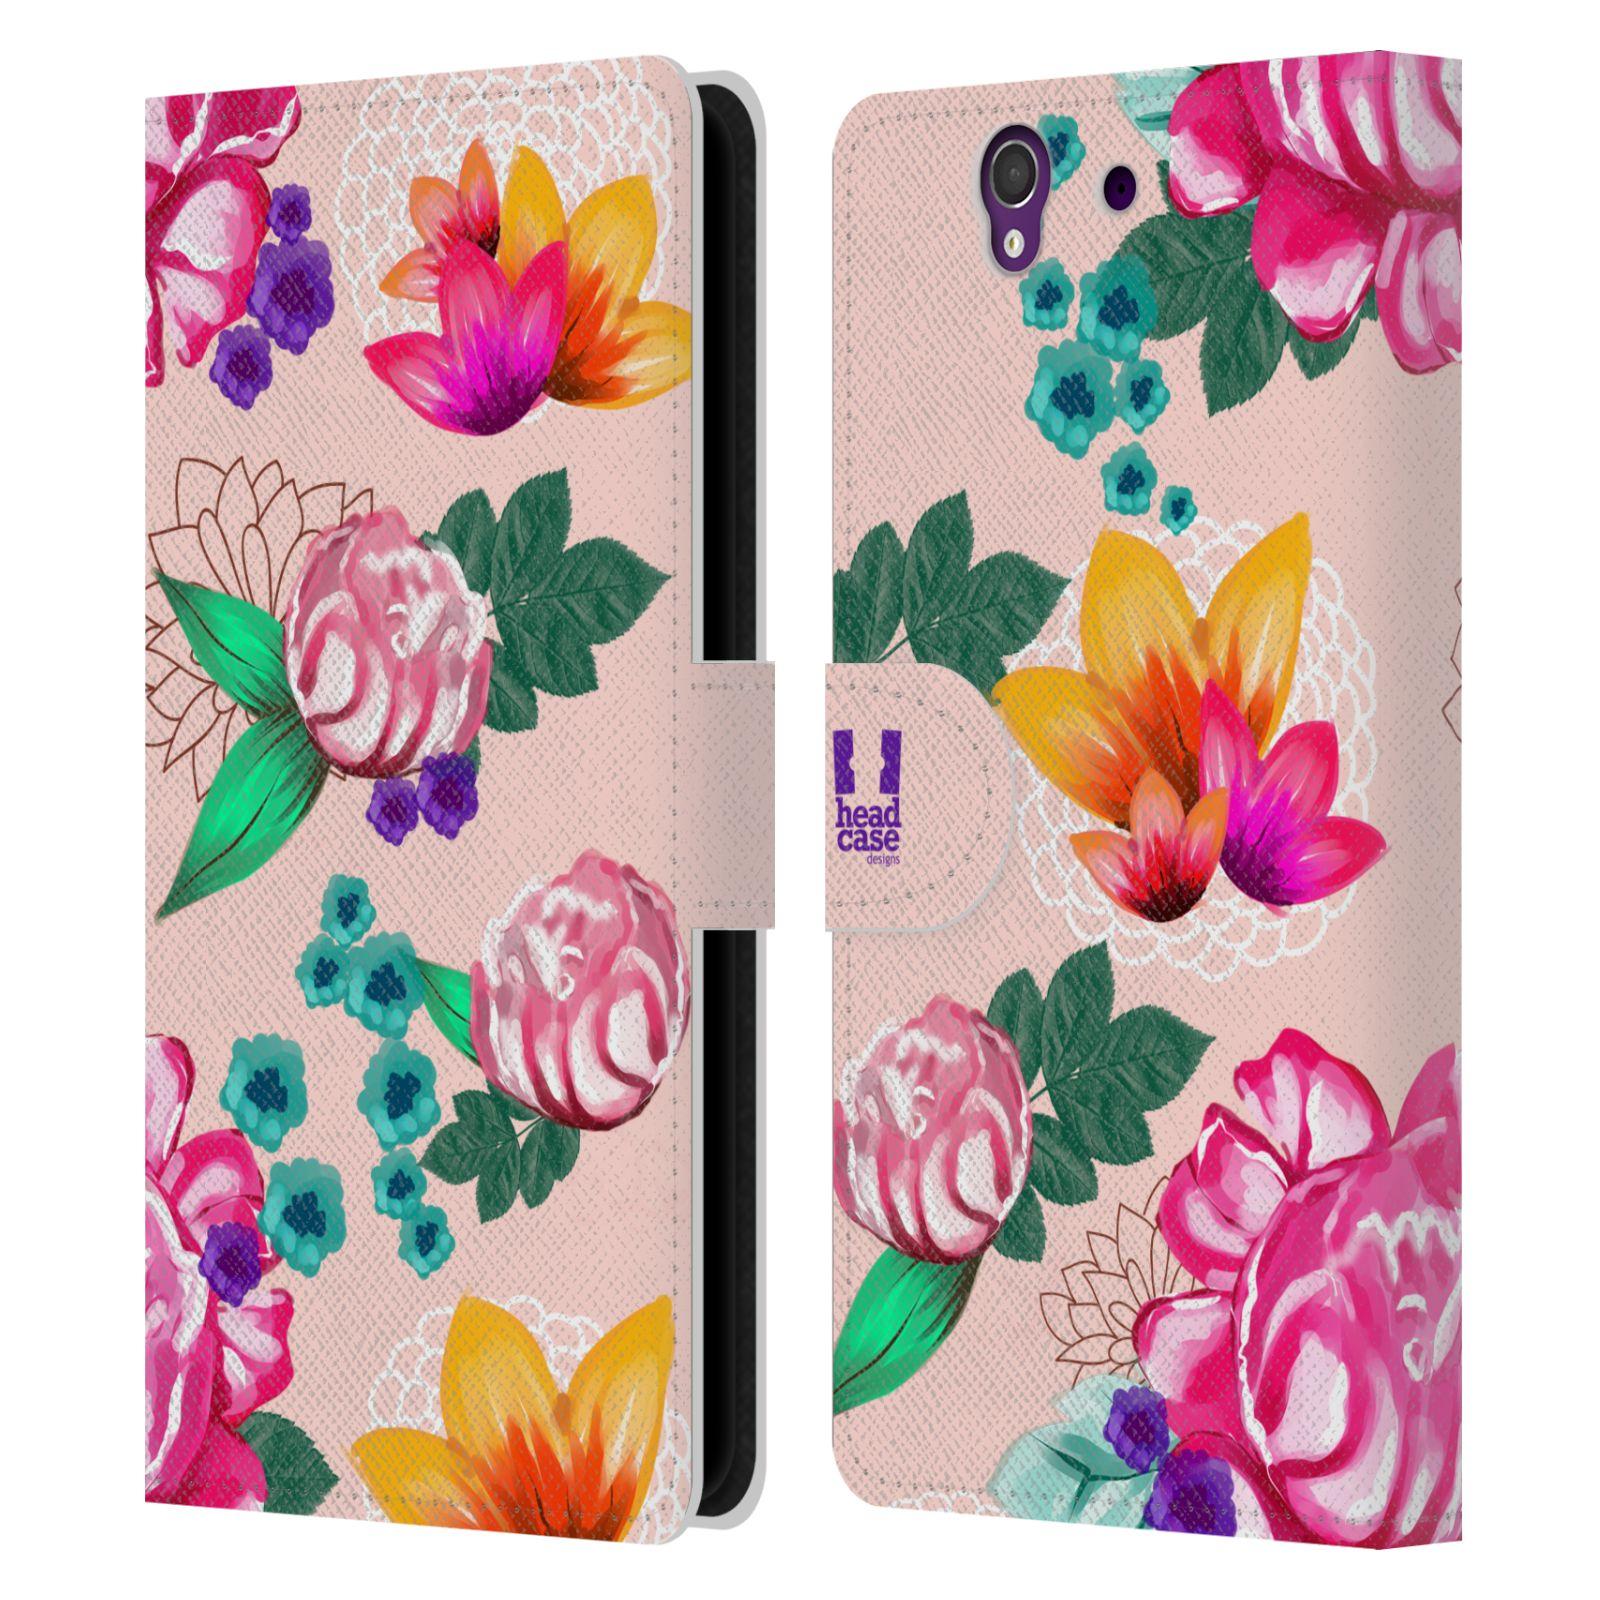 HEAD CASE Flipové pouzdro pro mobil SONY XPERIA Z (C6603) barevné kreslené květiny růžová